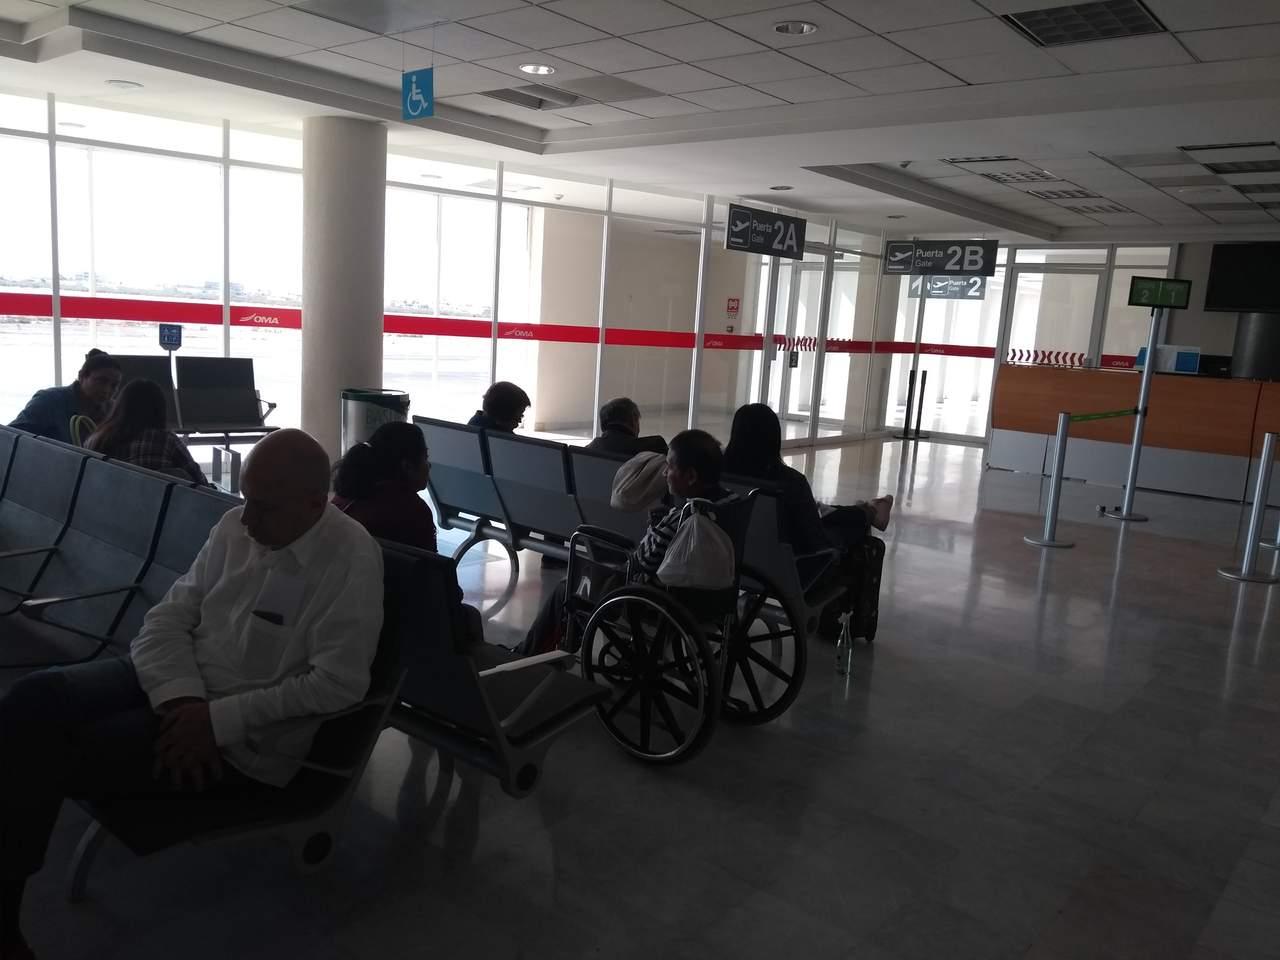 Llevan 7 horas esperando un vuelo en aeropuerto de Torreón